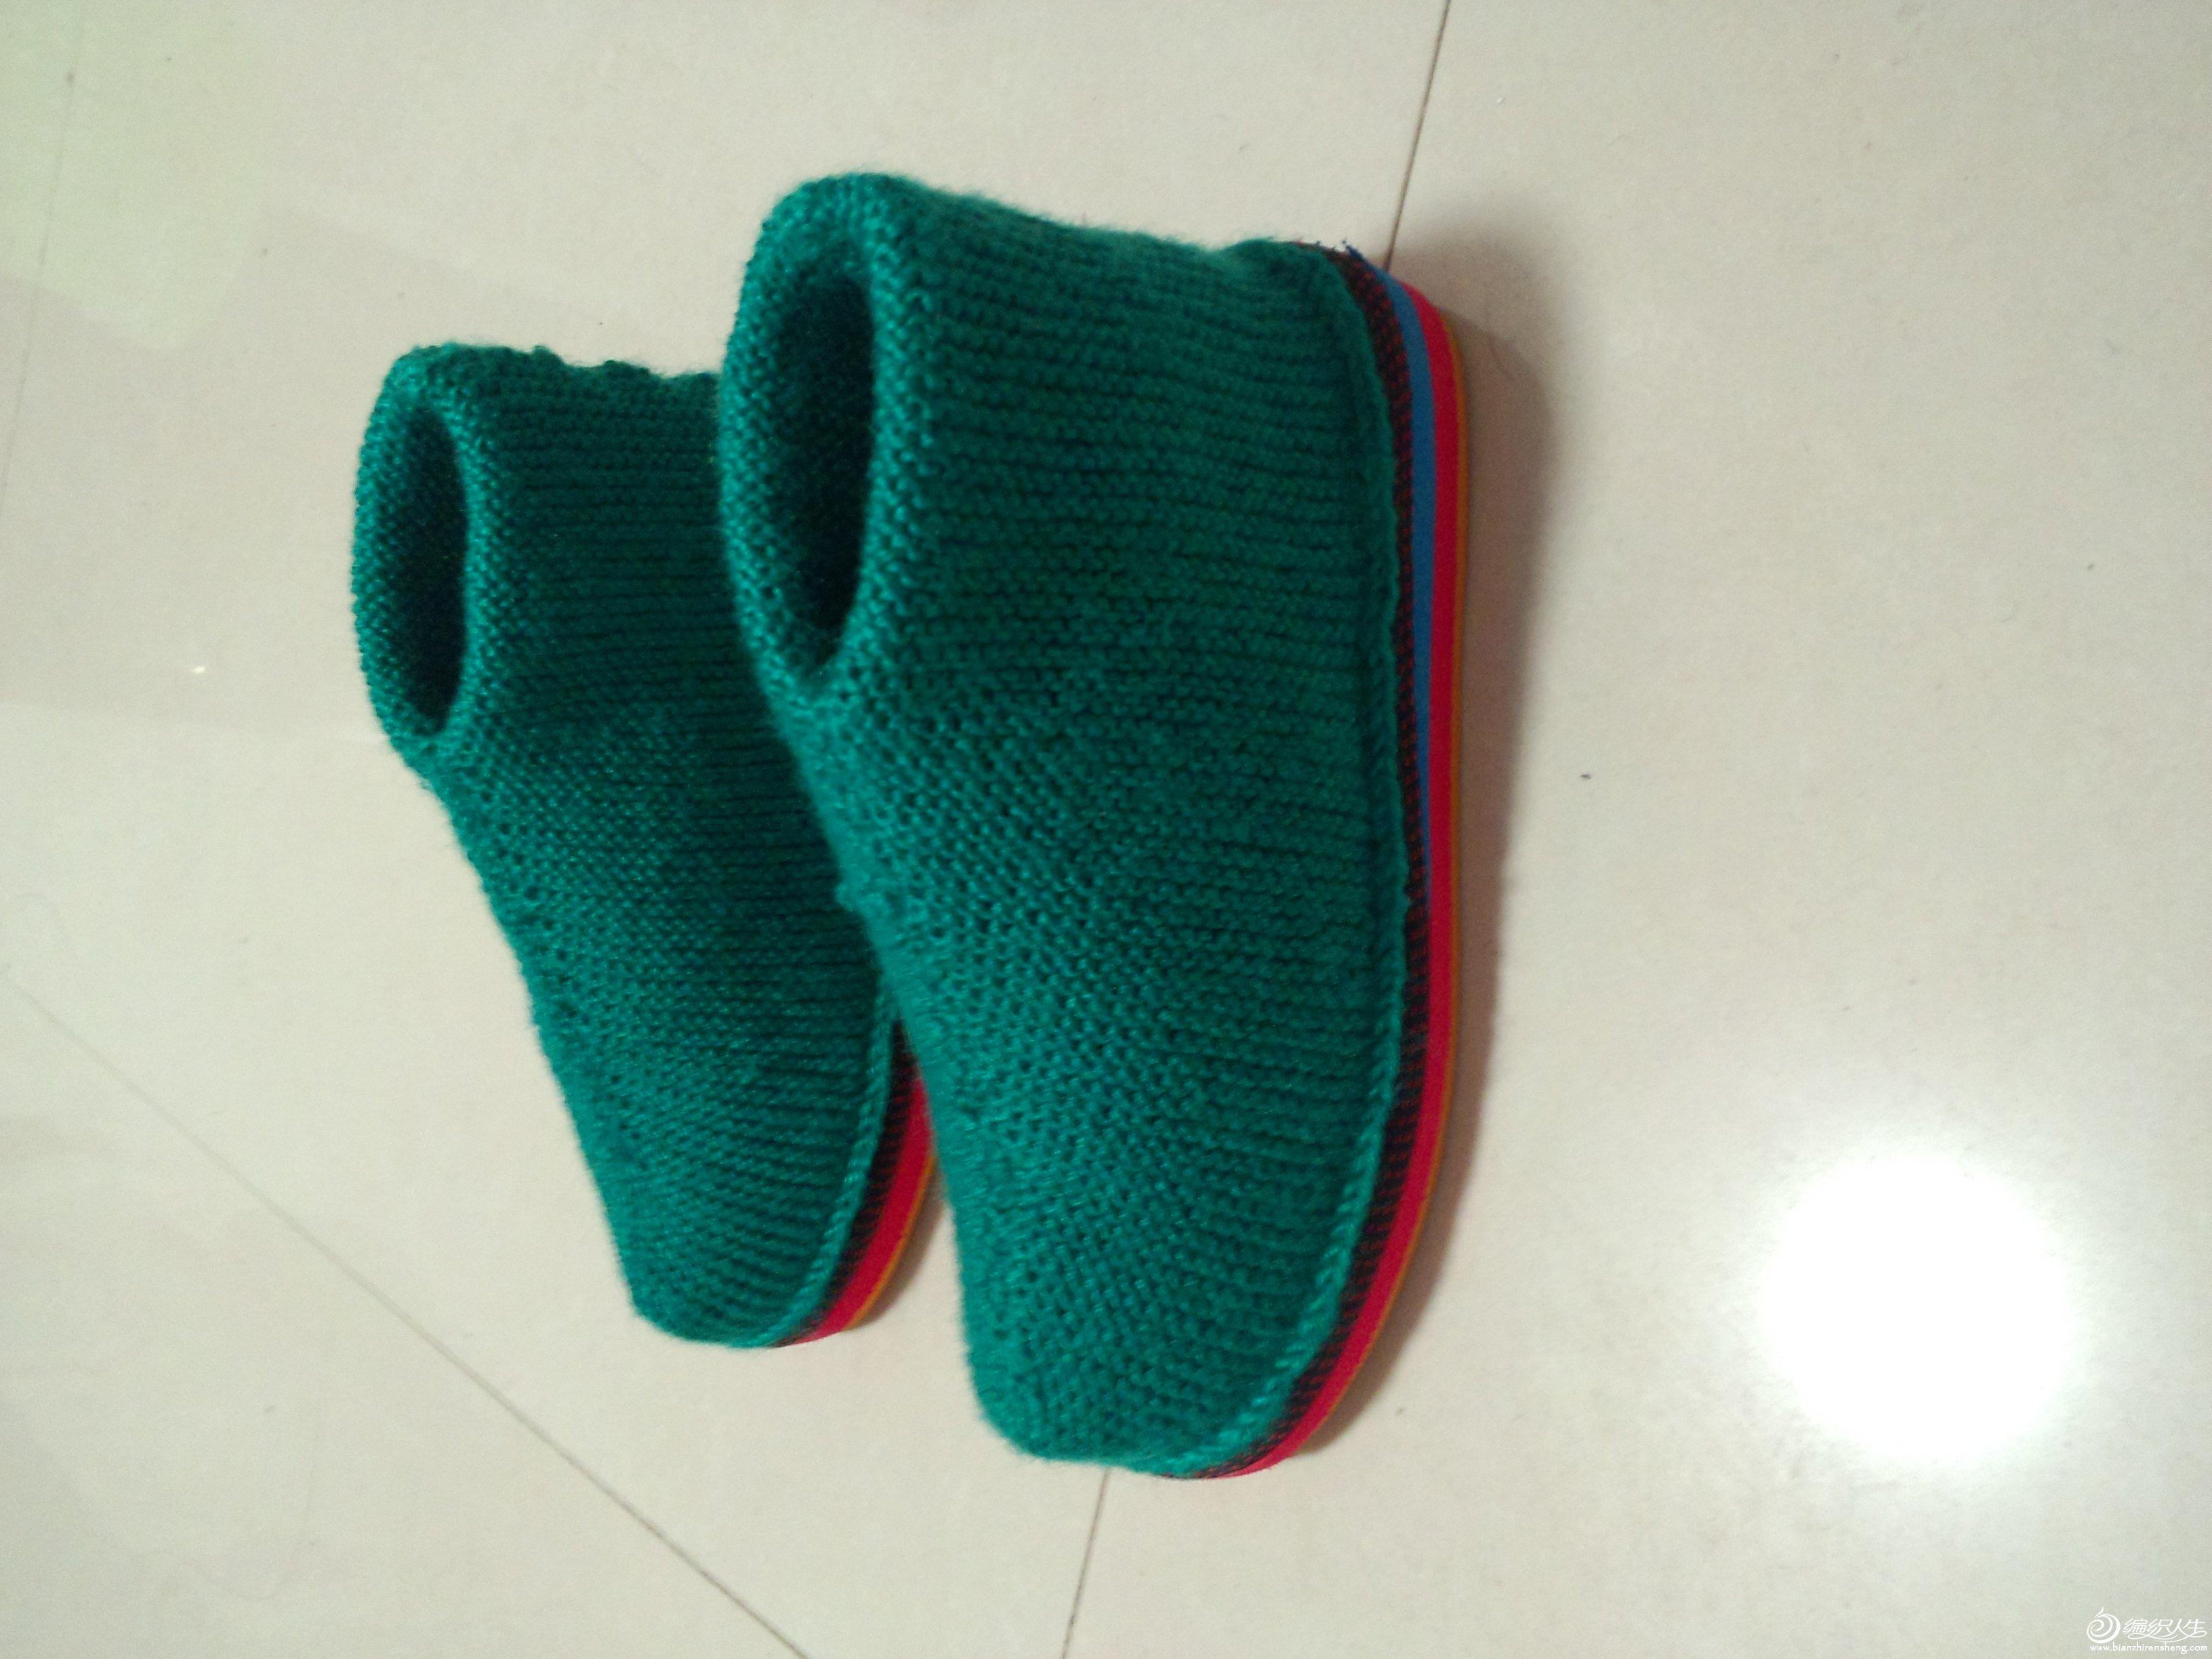 针织毛线鞋子花样图纸_针织毛线鞋子花样图纸图片